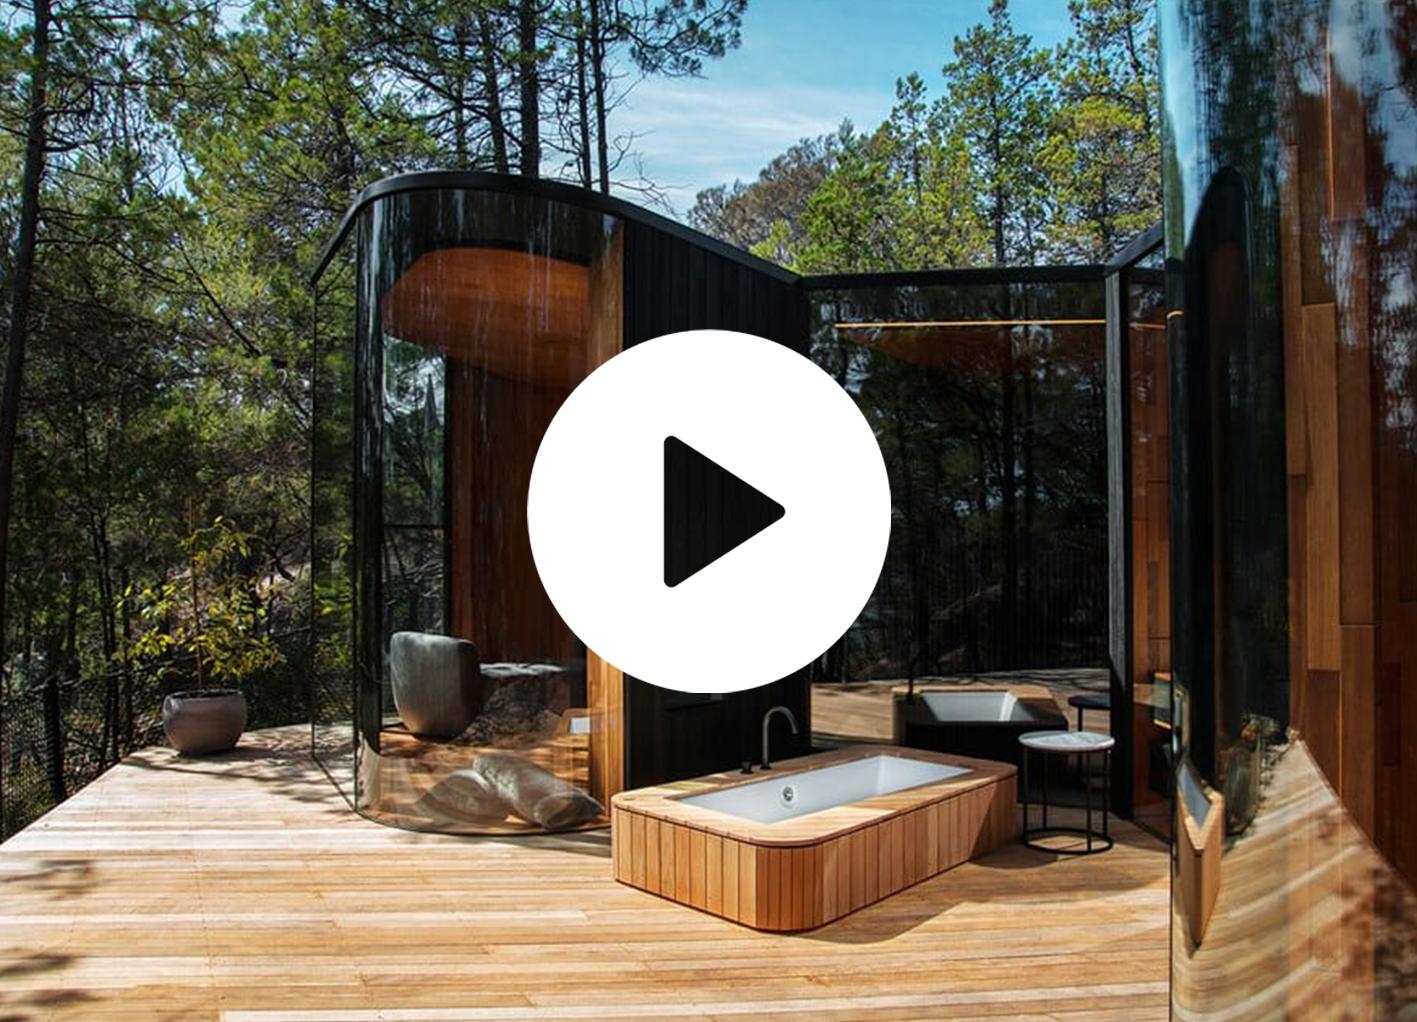 Australia By Design - Architecture Season 3